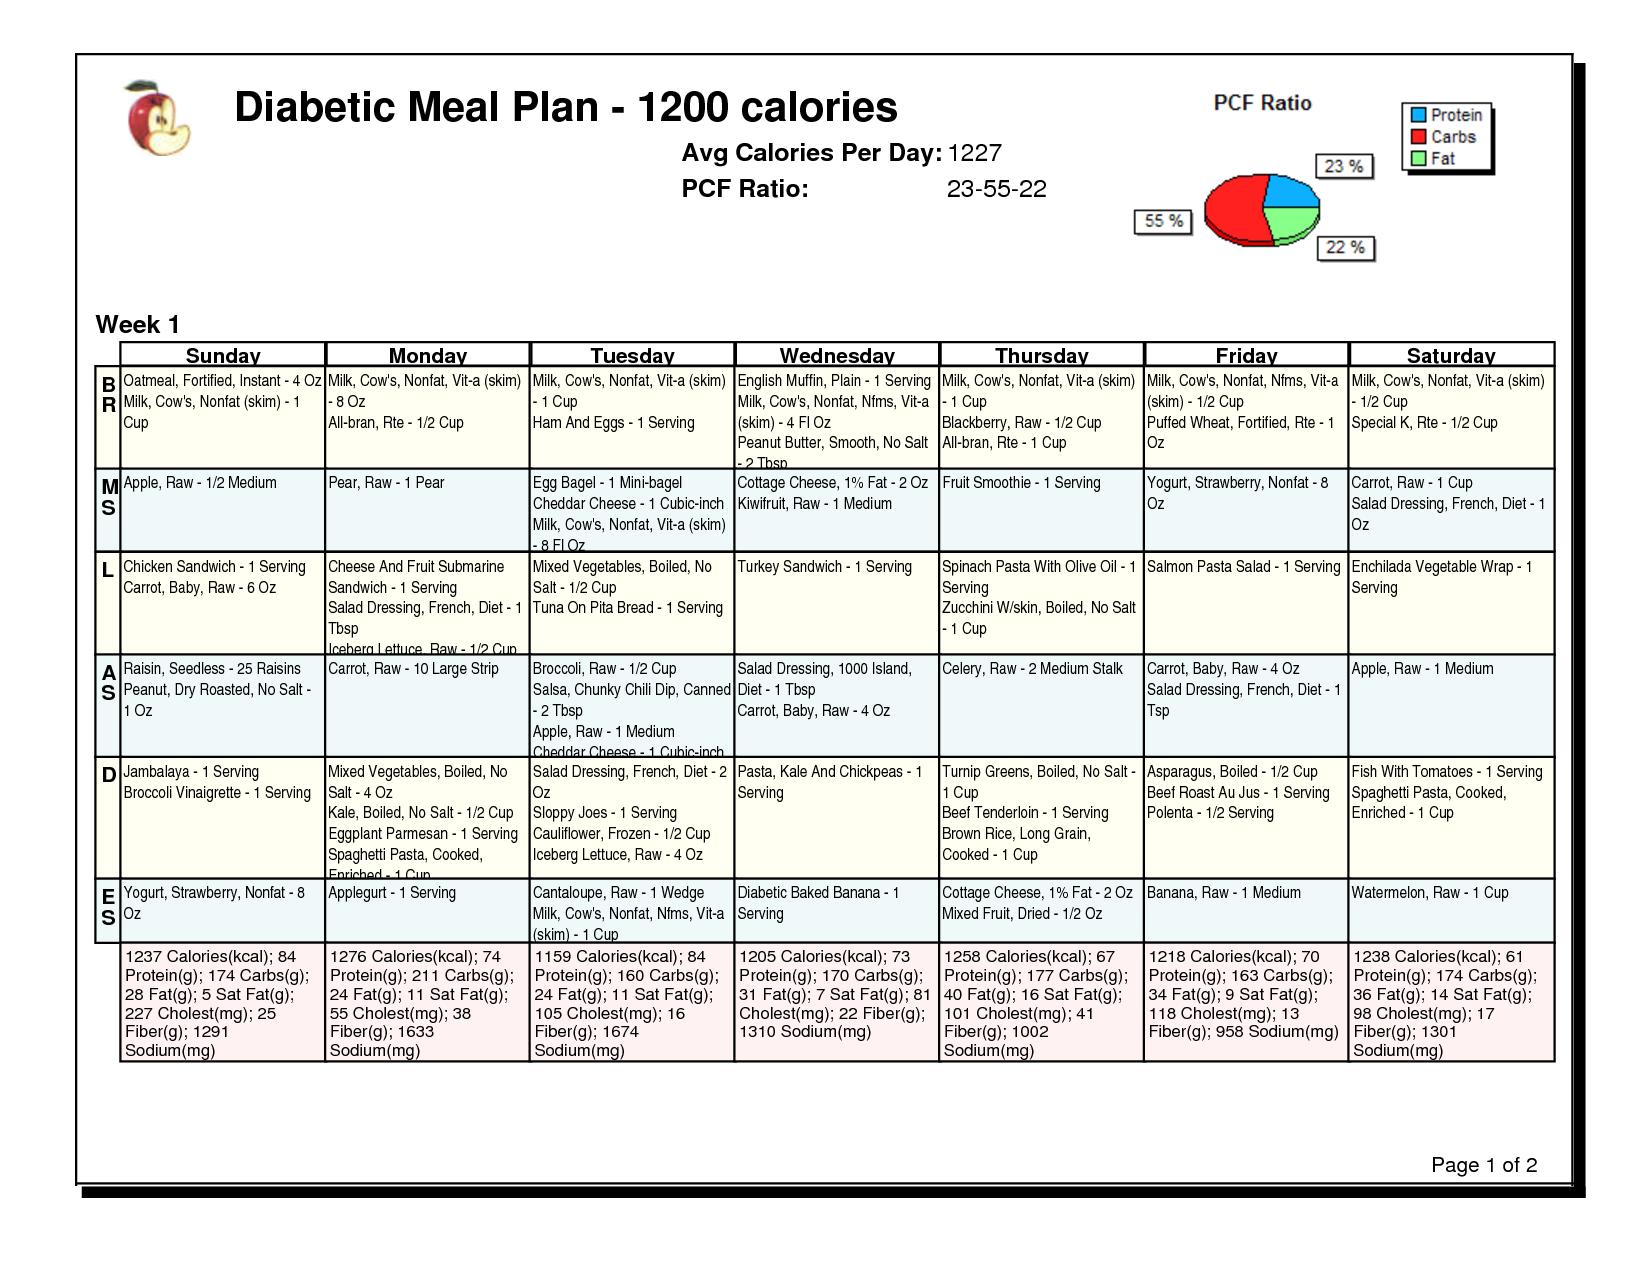 Diabetic Simple 1200 Calorie Meal Plan Pdf